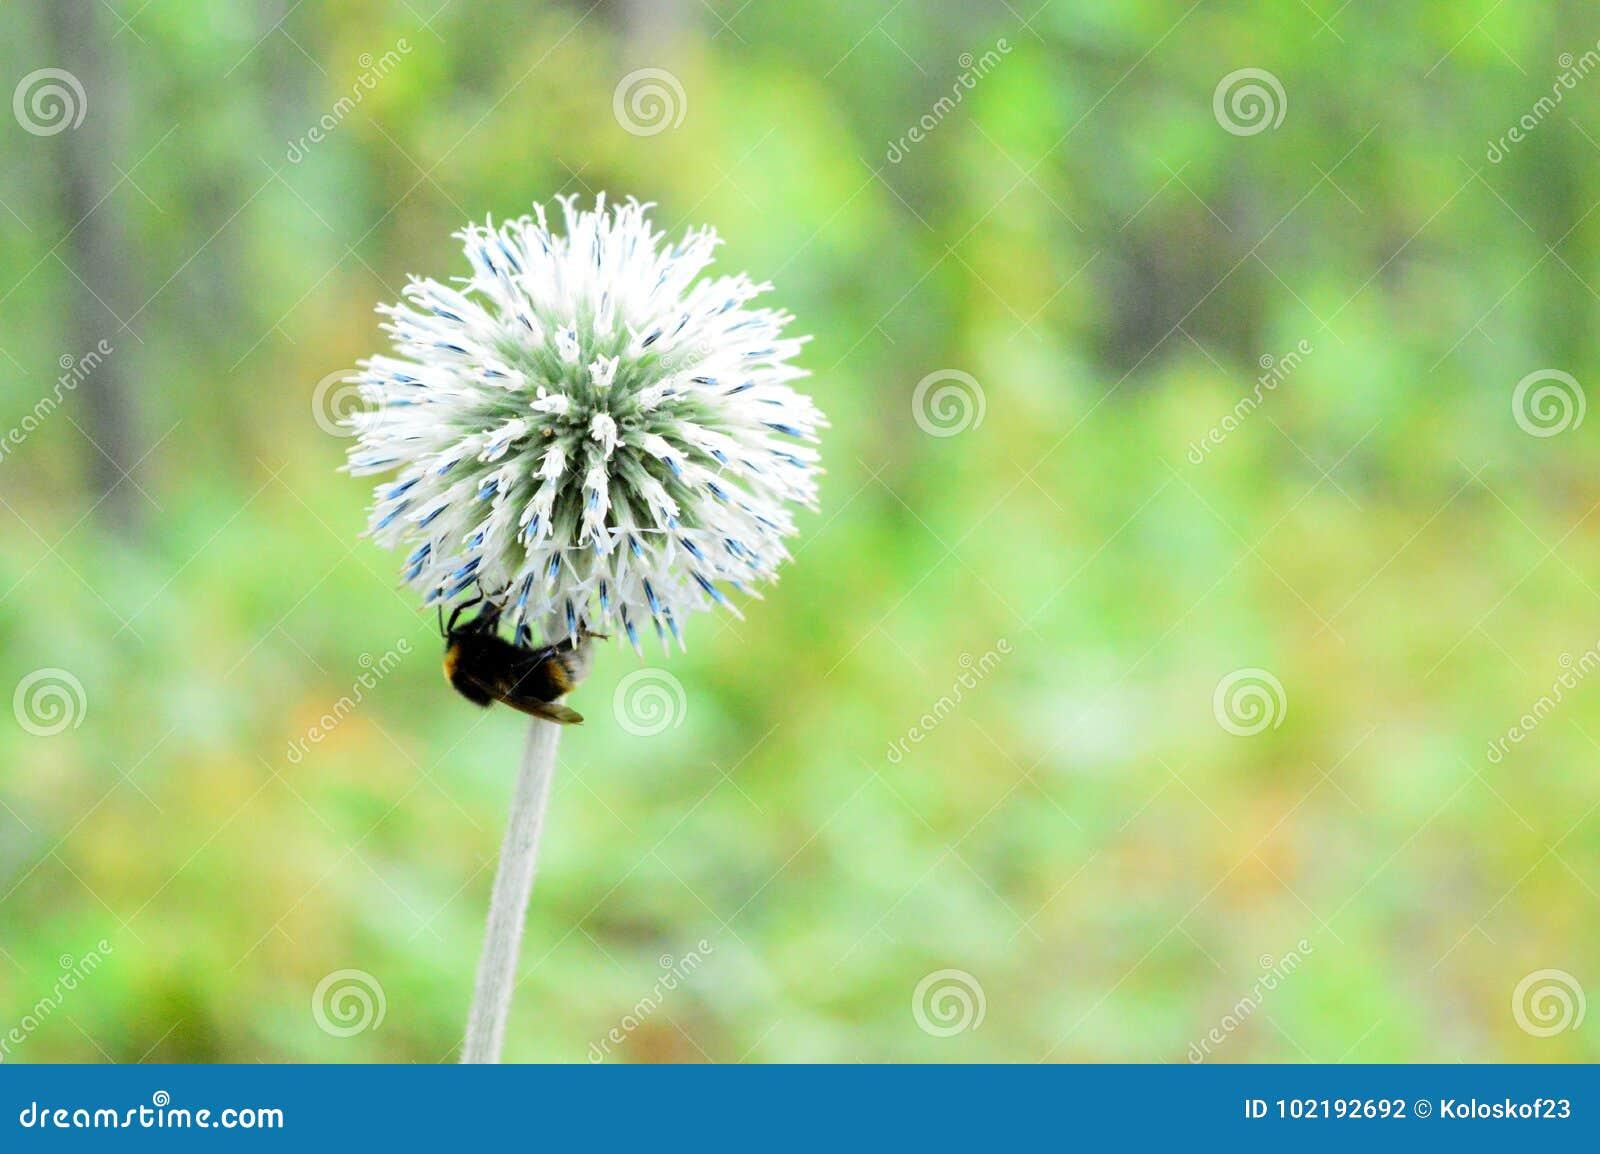 La abeja recoge el néctar restante del otoño